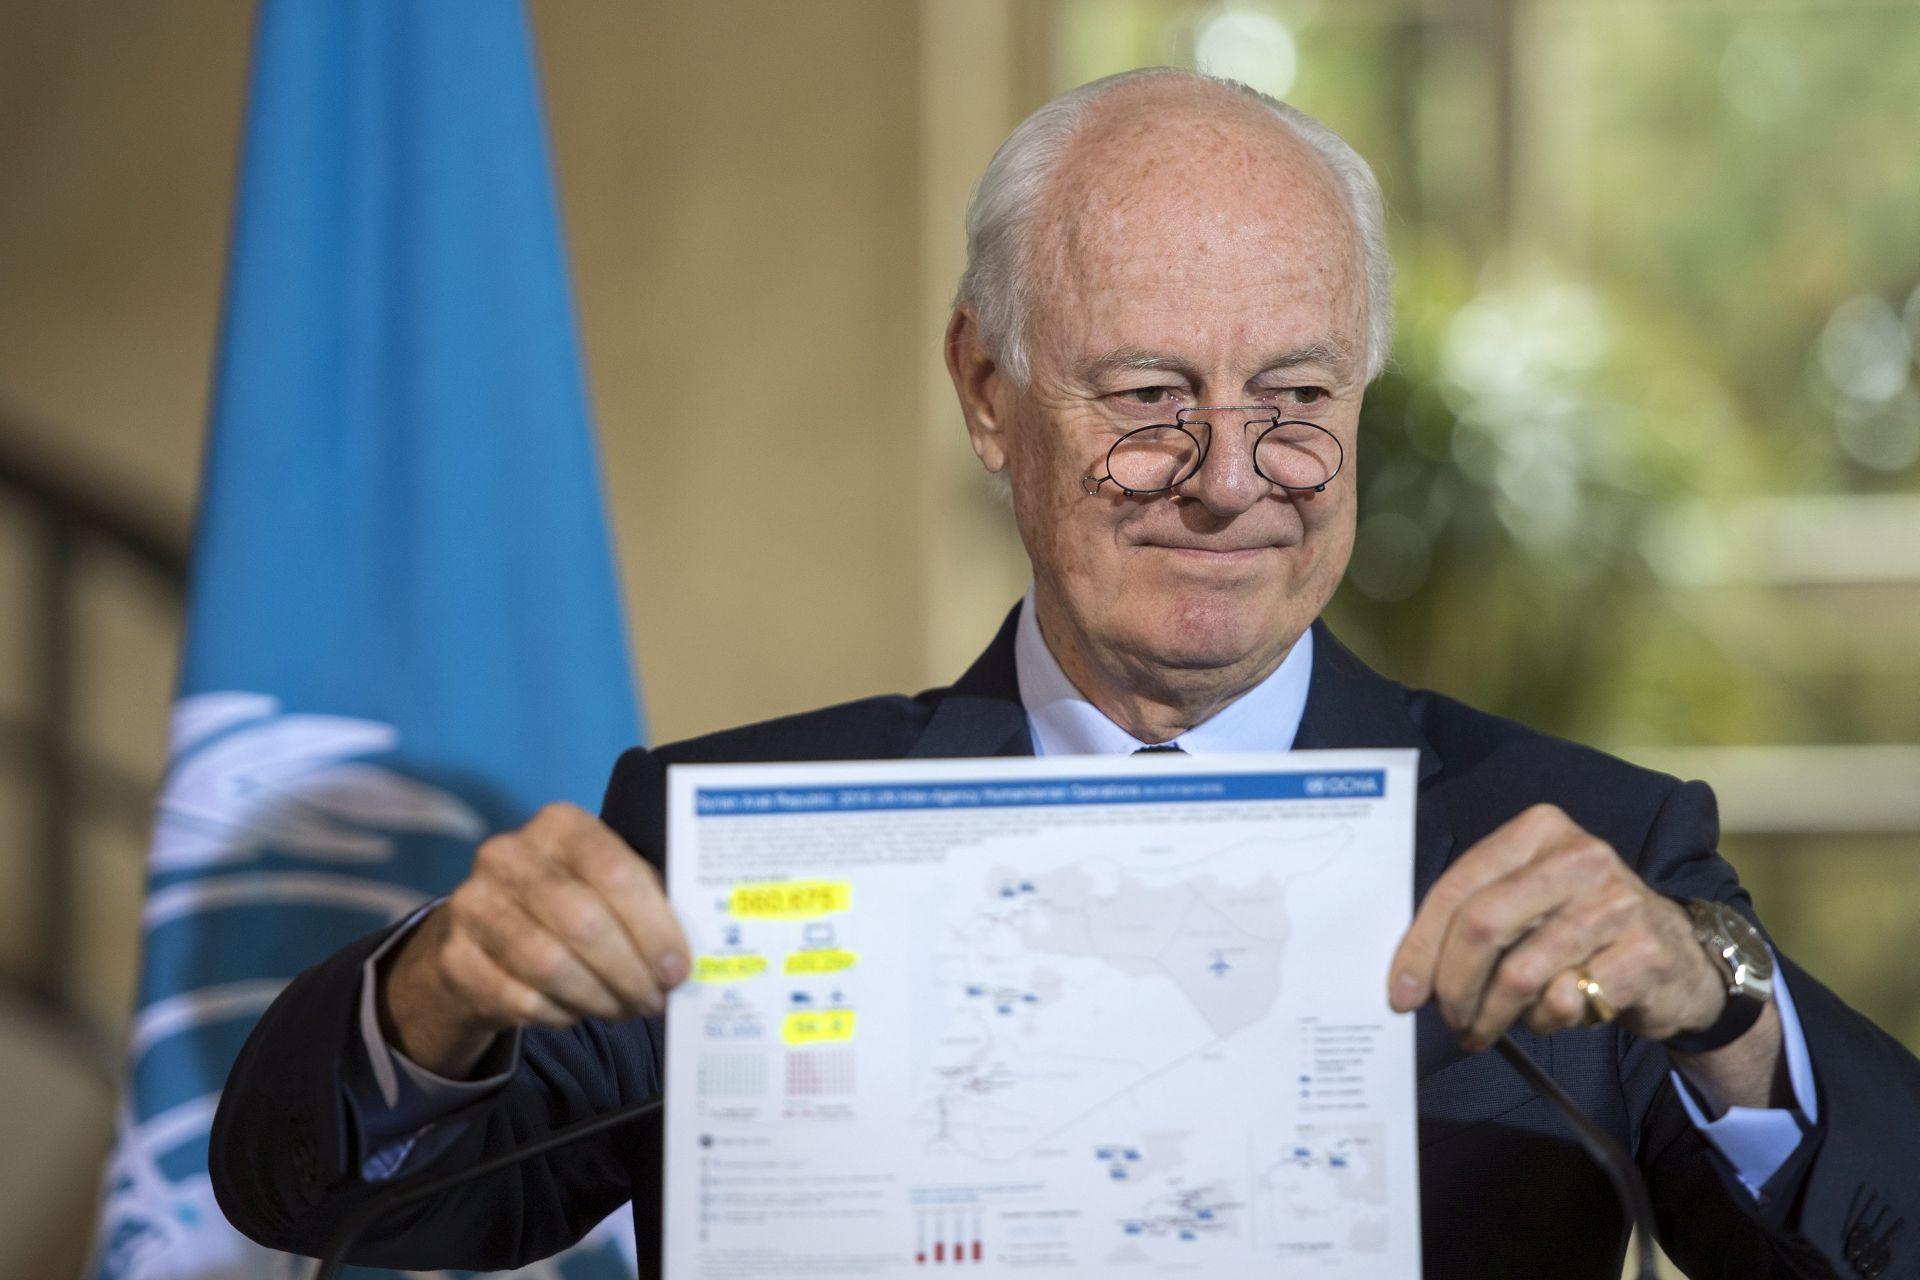 UNATOČ ODLUCI OPORBE: UN-ov izaslanik za Siriju nastavlja mirovne pregovore idući tjedan